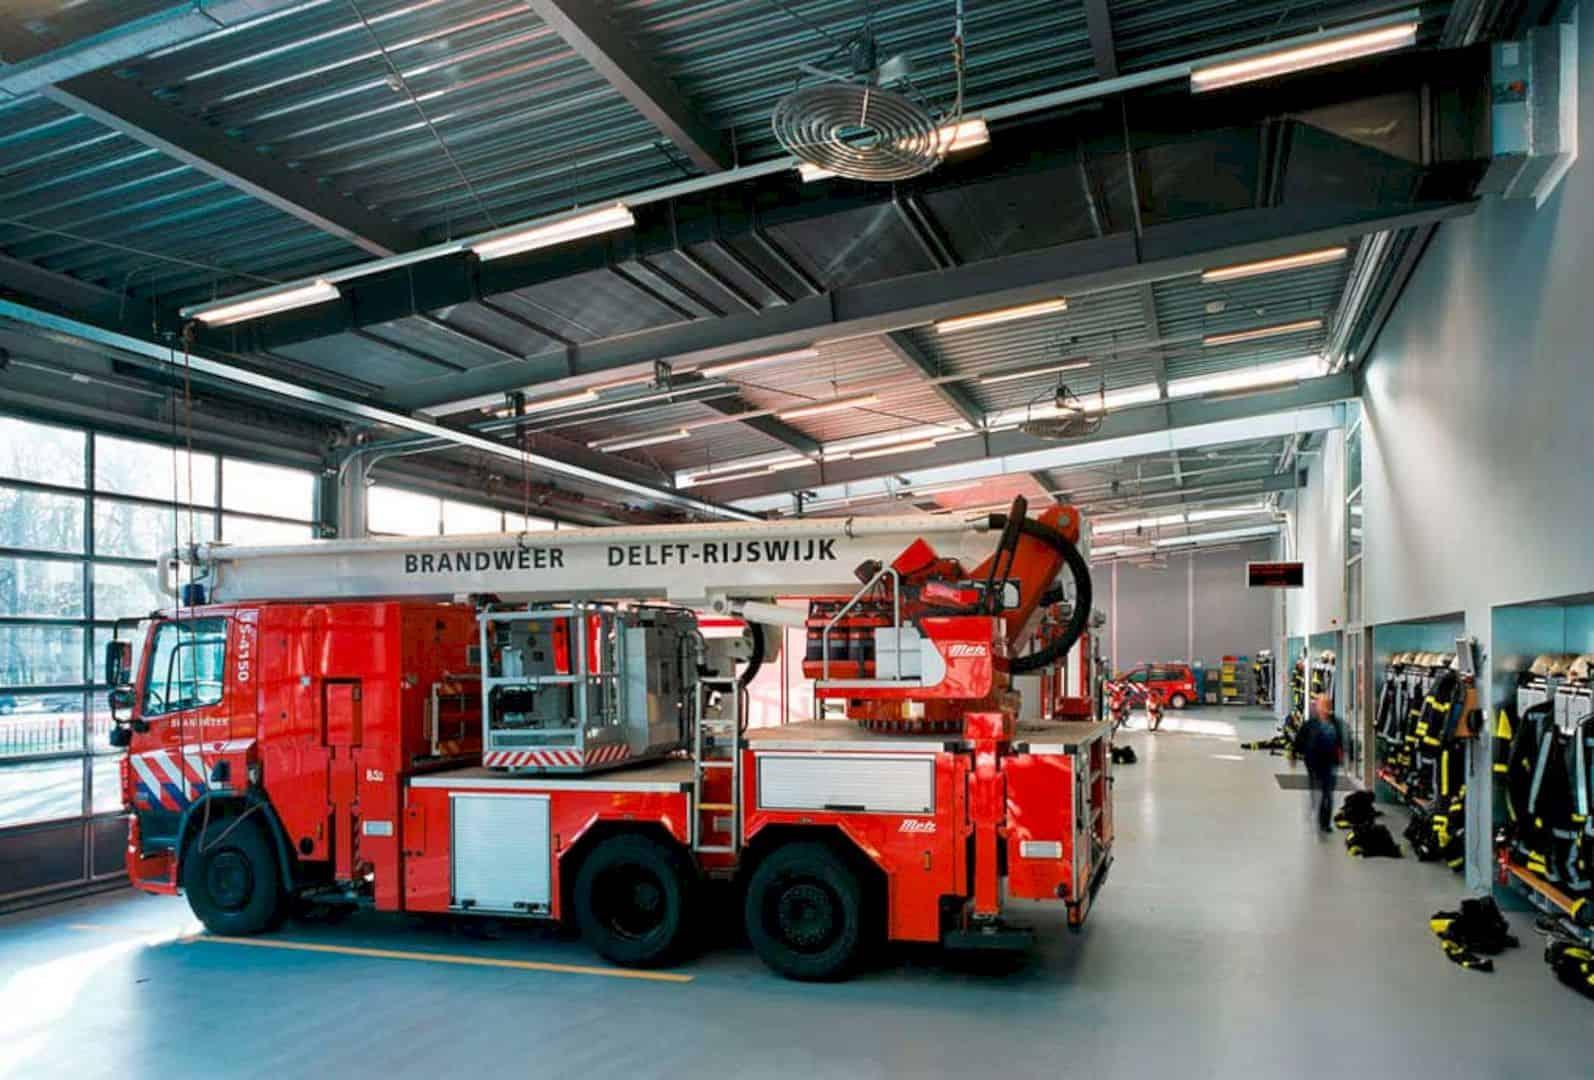 Fire Station Rijswijk By Jeanne Dekkers Architectuur 11